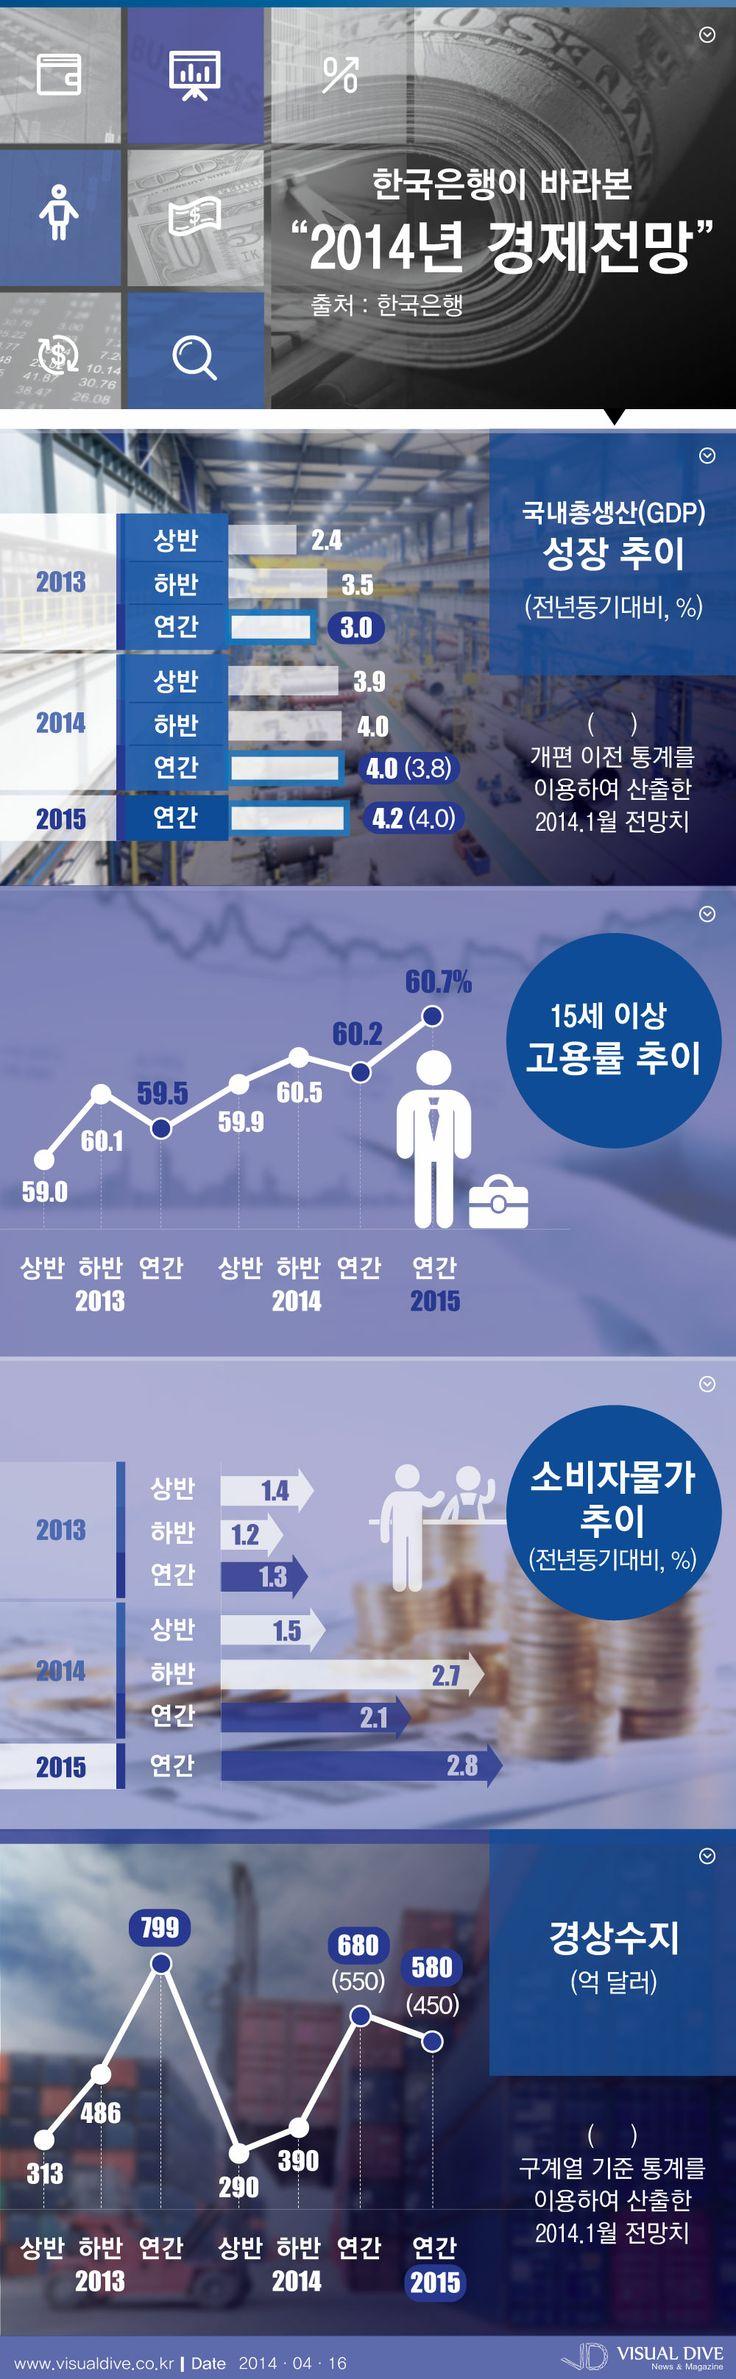 한국은행, 2014년 경제성장 전망치 4.0%…내년은 4.2% [인포그래픽] #economy #Infographic ⓒ 비주얼다이브 무단 복사·전재·재배포